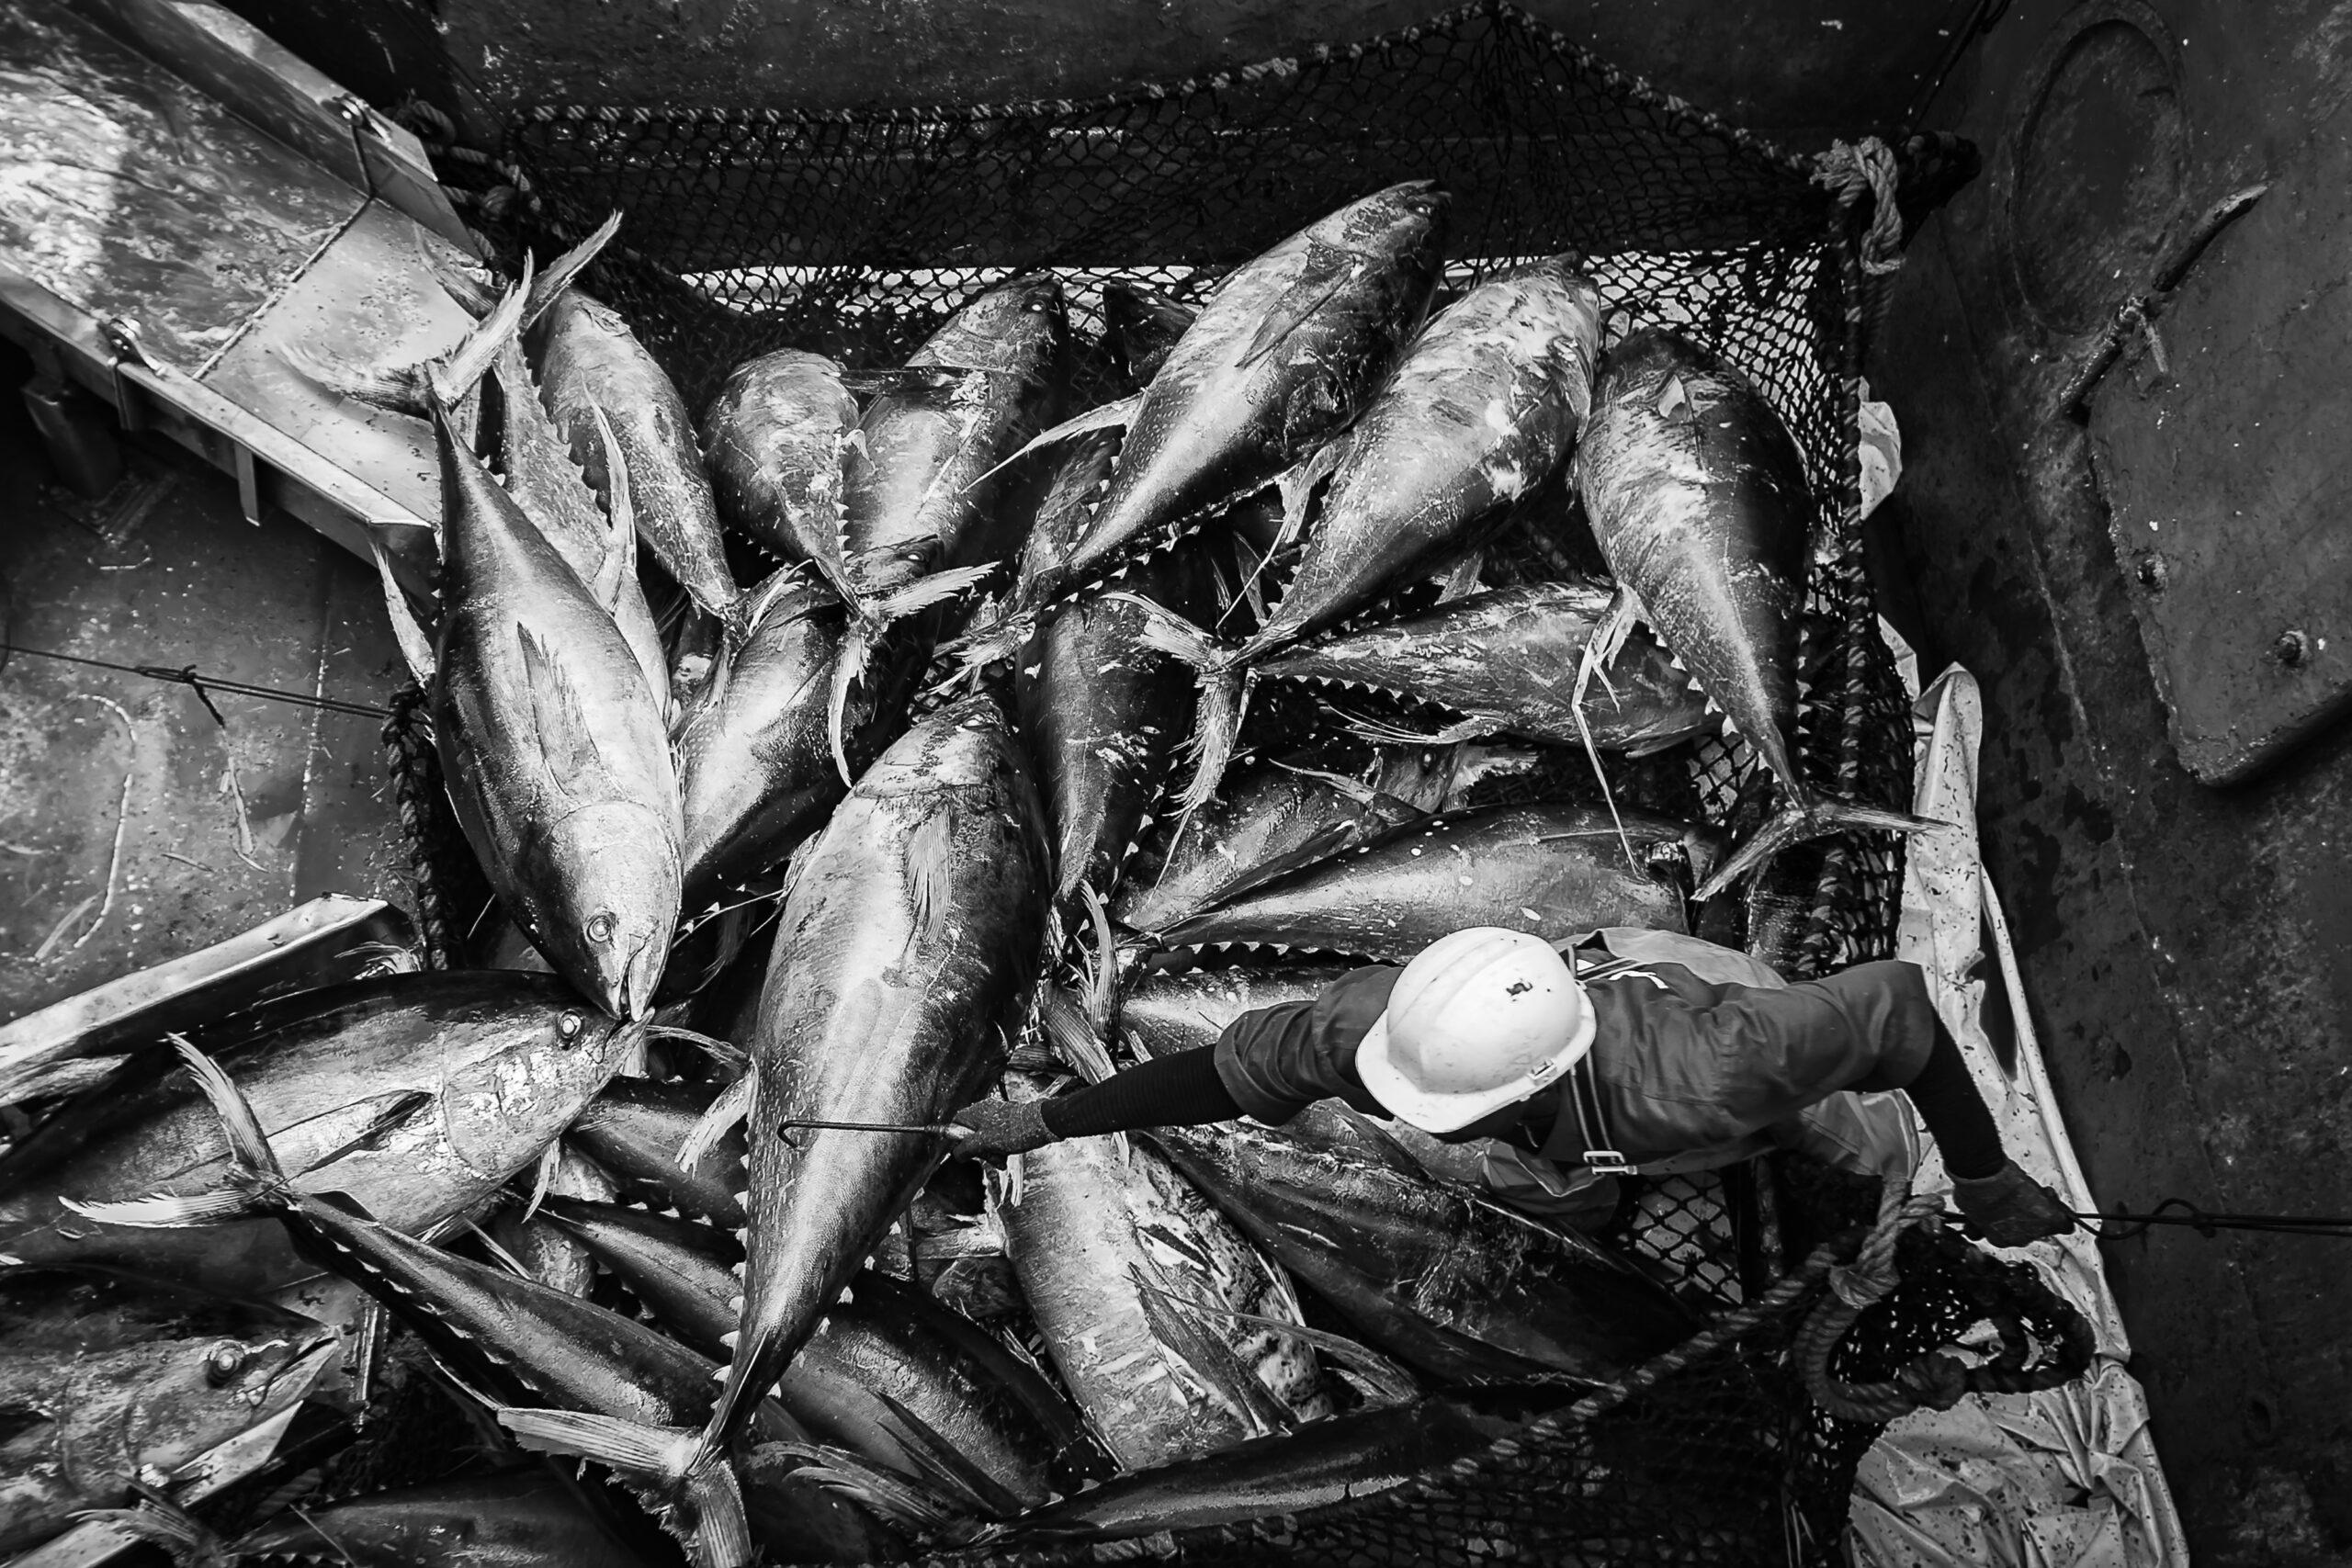 Primer Premio. Categoría: Mejor trabajo en el exterior (Serie). Un marinero trabaja en la bodega de un atunero de bandera francesa en las tareas de descarga de atún en el puerto de Adbijan, Costa de Marfil. La flota francesa, actualmente desplegada por el Atlántico y el océano Índico, desembarca cada año más de 120 mil toneladas de atún, principalmente dedicadas a la industria de la conserva. Nando Rivero